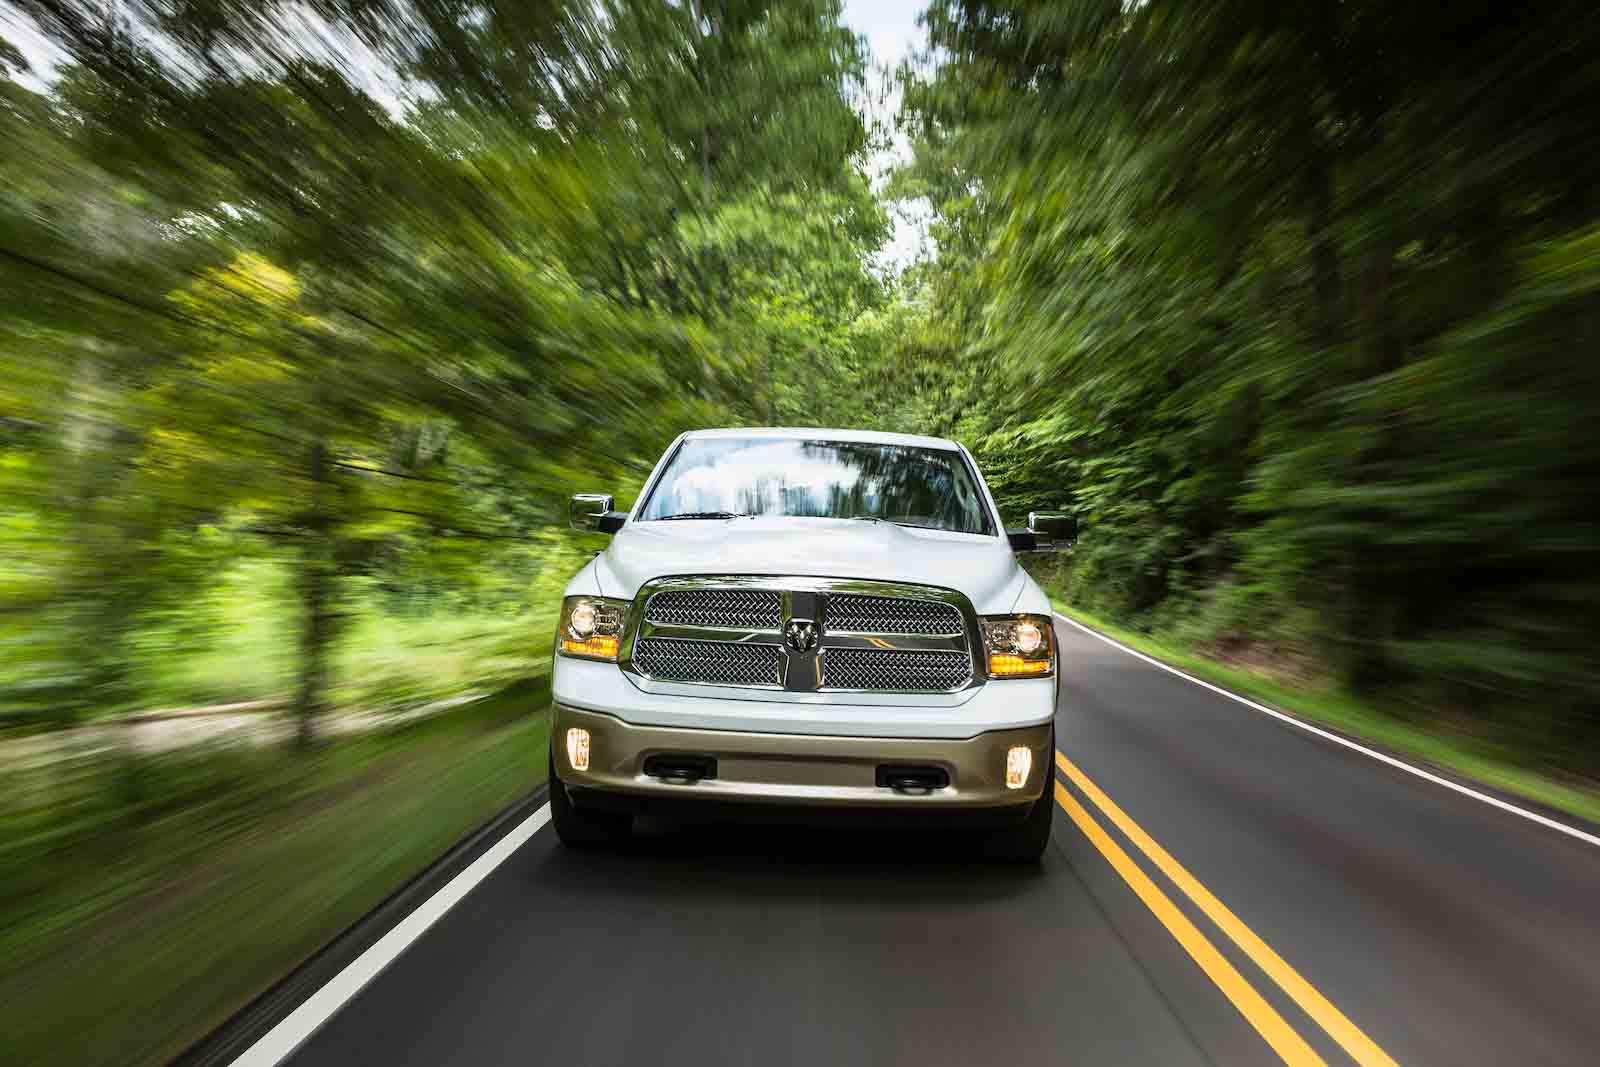 2013 Ram 1500 - hình ảnh: Chrysler Group LLC